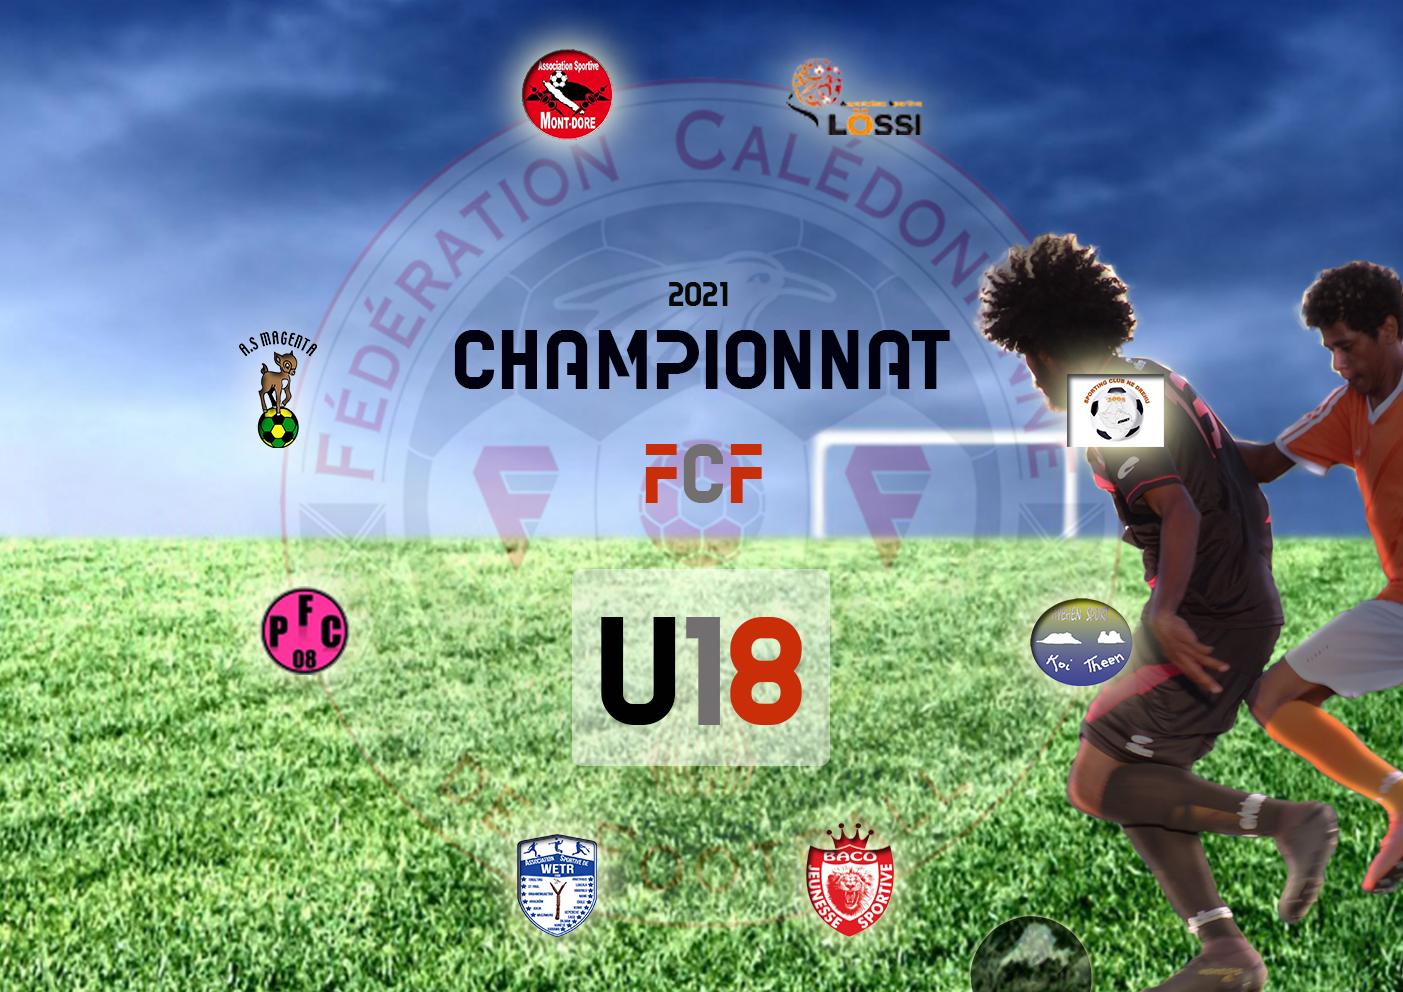 Visuel FCF (Photo joueur - Foot Nc)